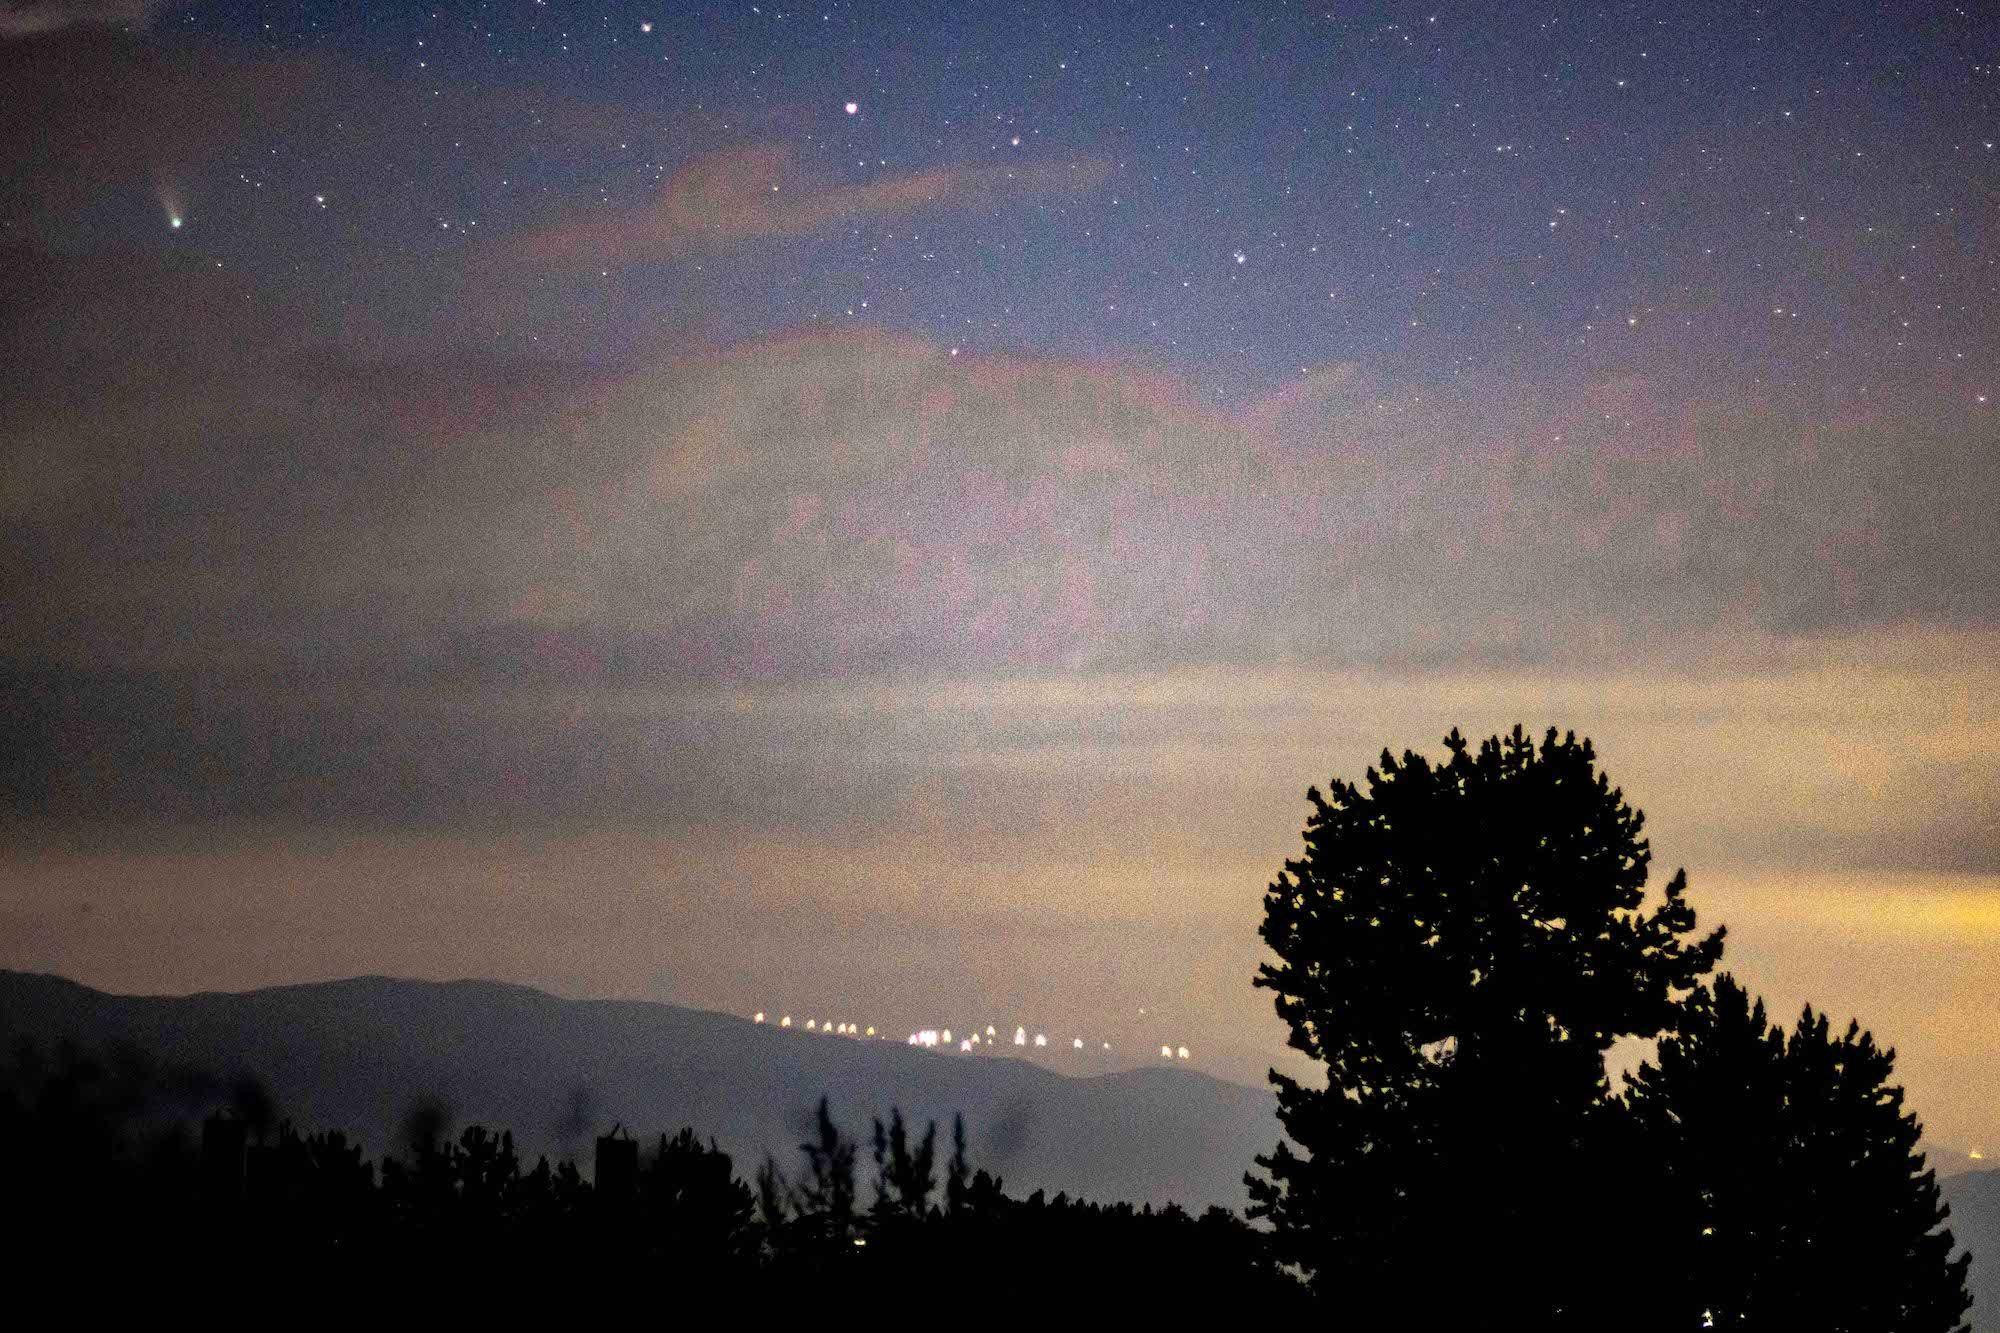 2021年3月天文迷必筆記!巨大小行星高速劃過地球,出現時間、觀測方式說明